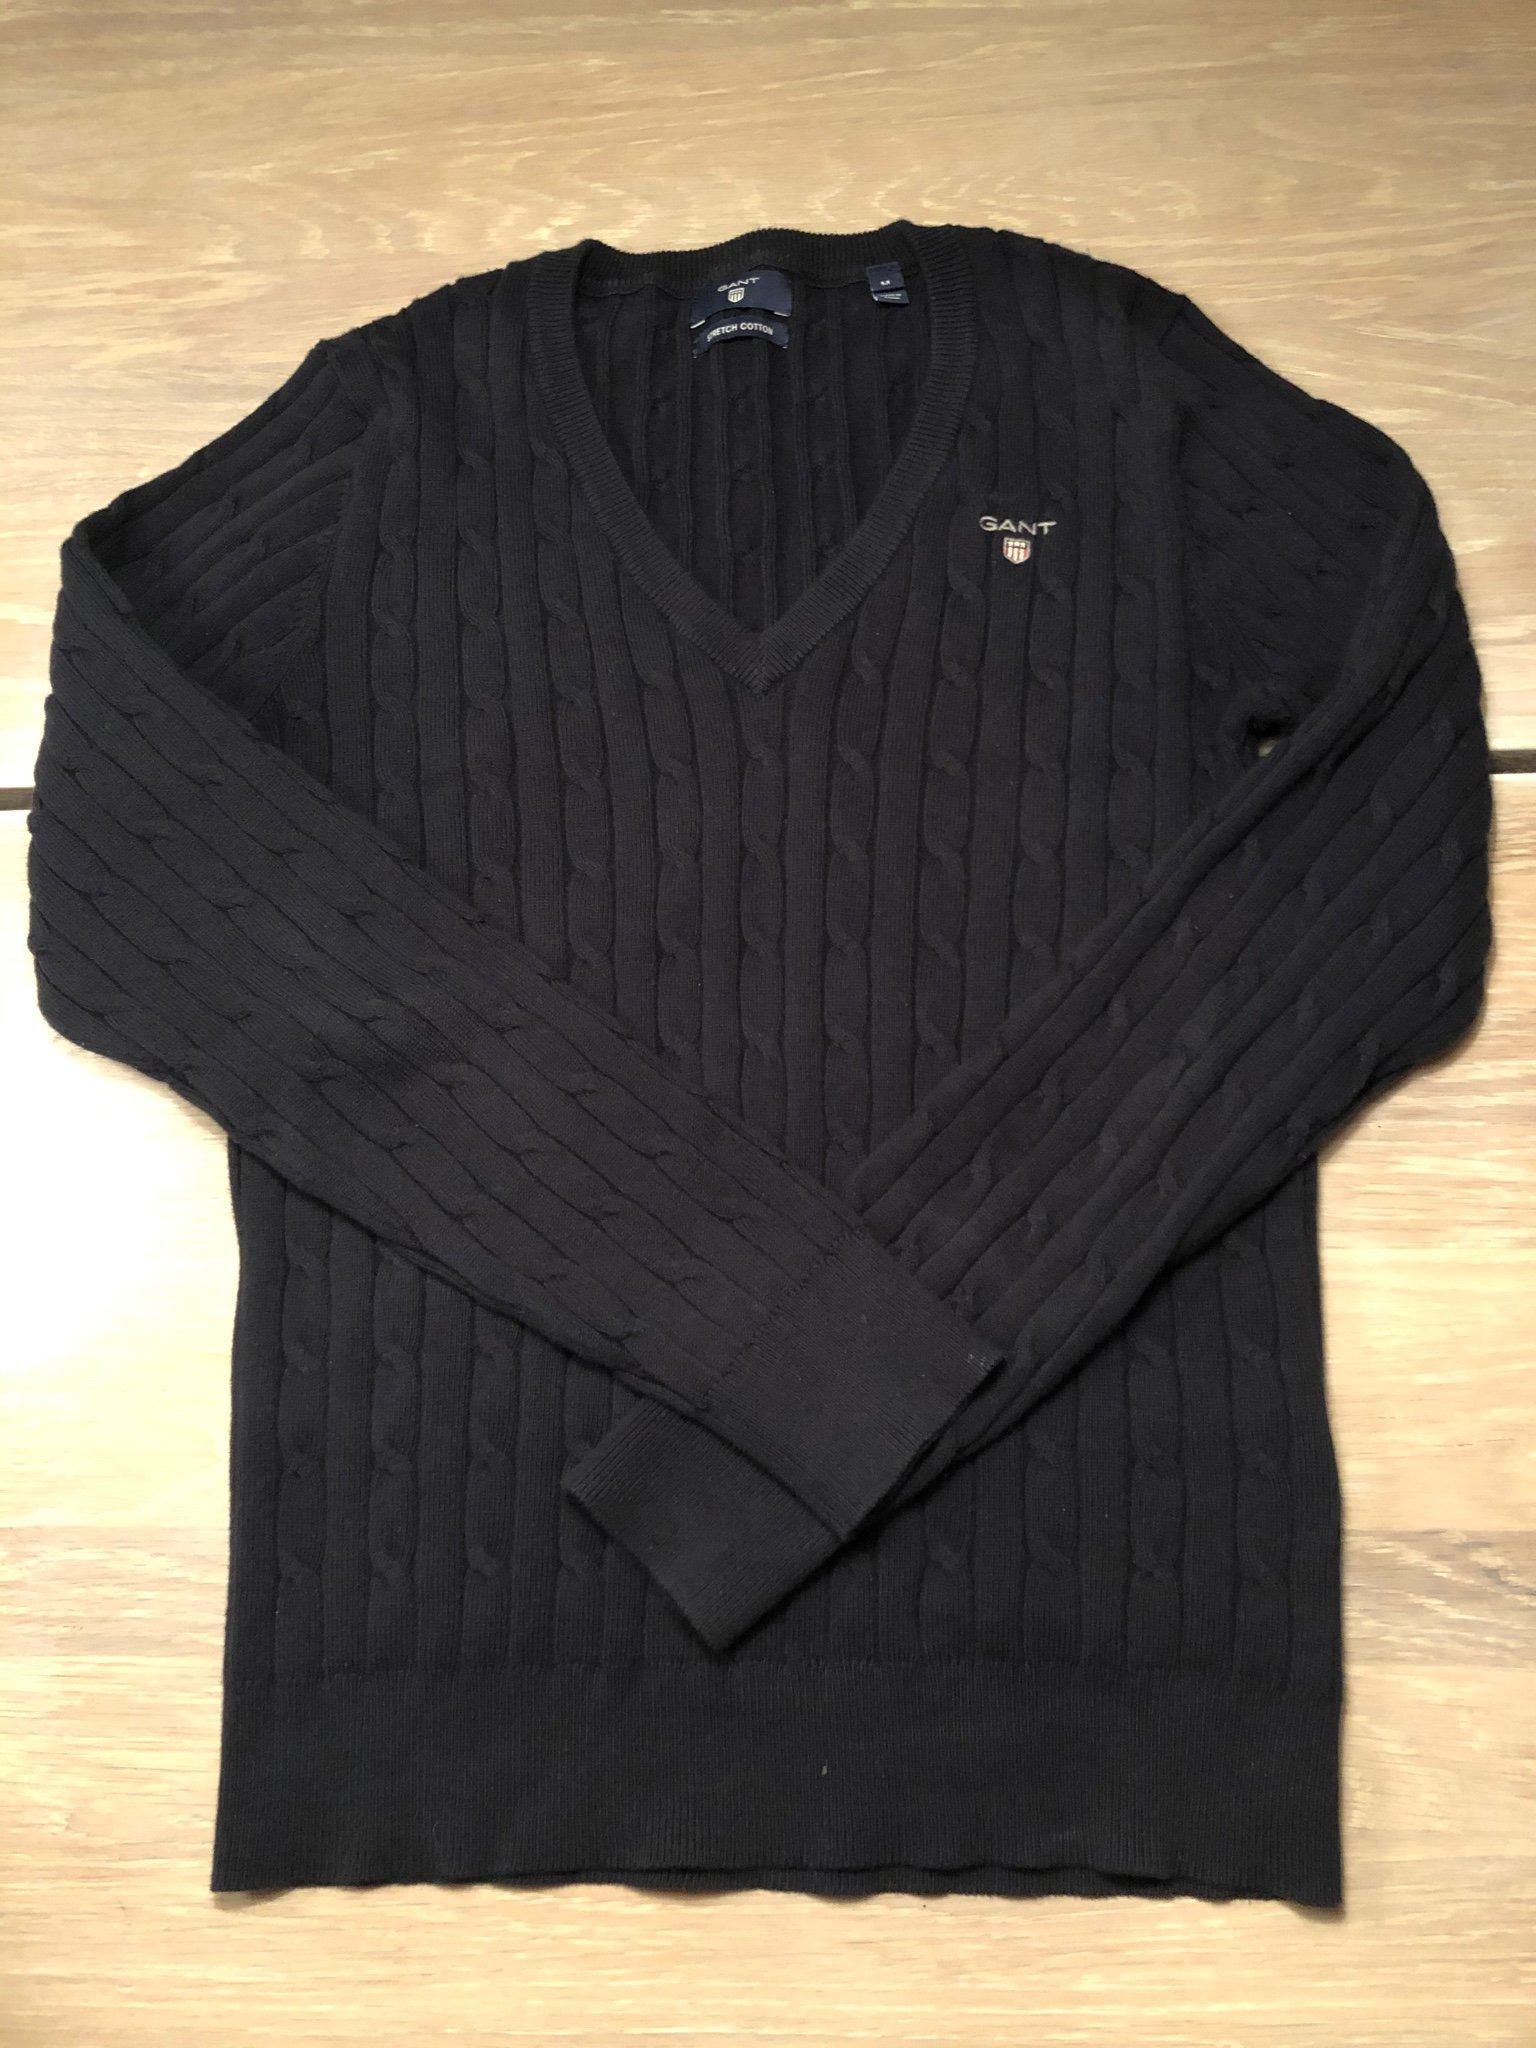 mest populär webbplats för rabatt topp design Gant kabelstickad tröja nyskick (384725485) ᐈ Köp på Tradera